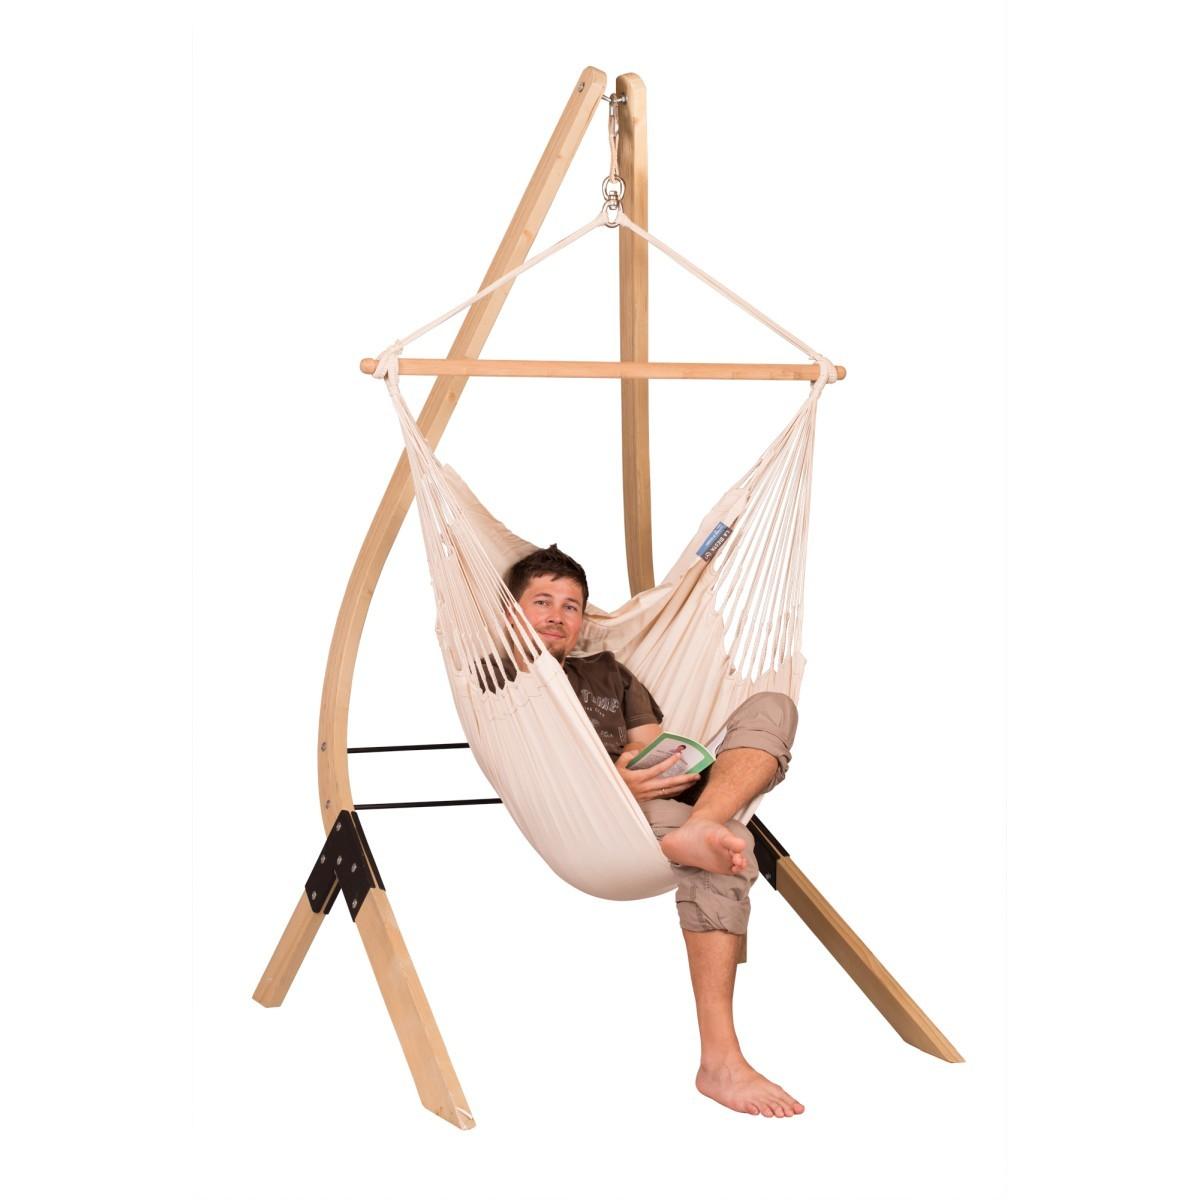 la siesta chaise hamac basic modesta latte support en bois pour chaise hamacs basic ve